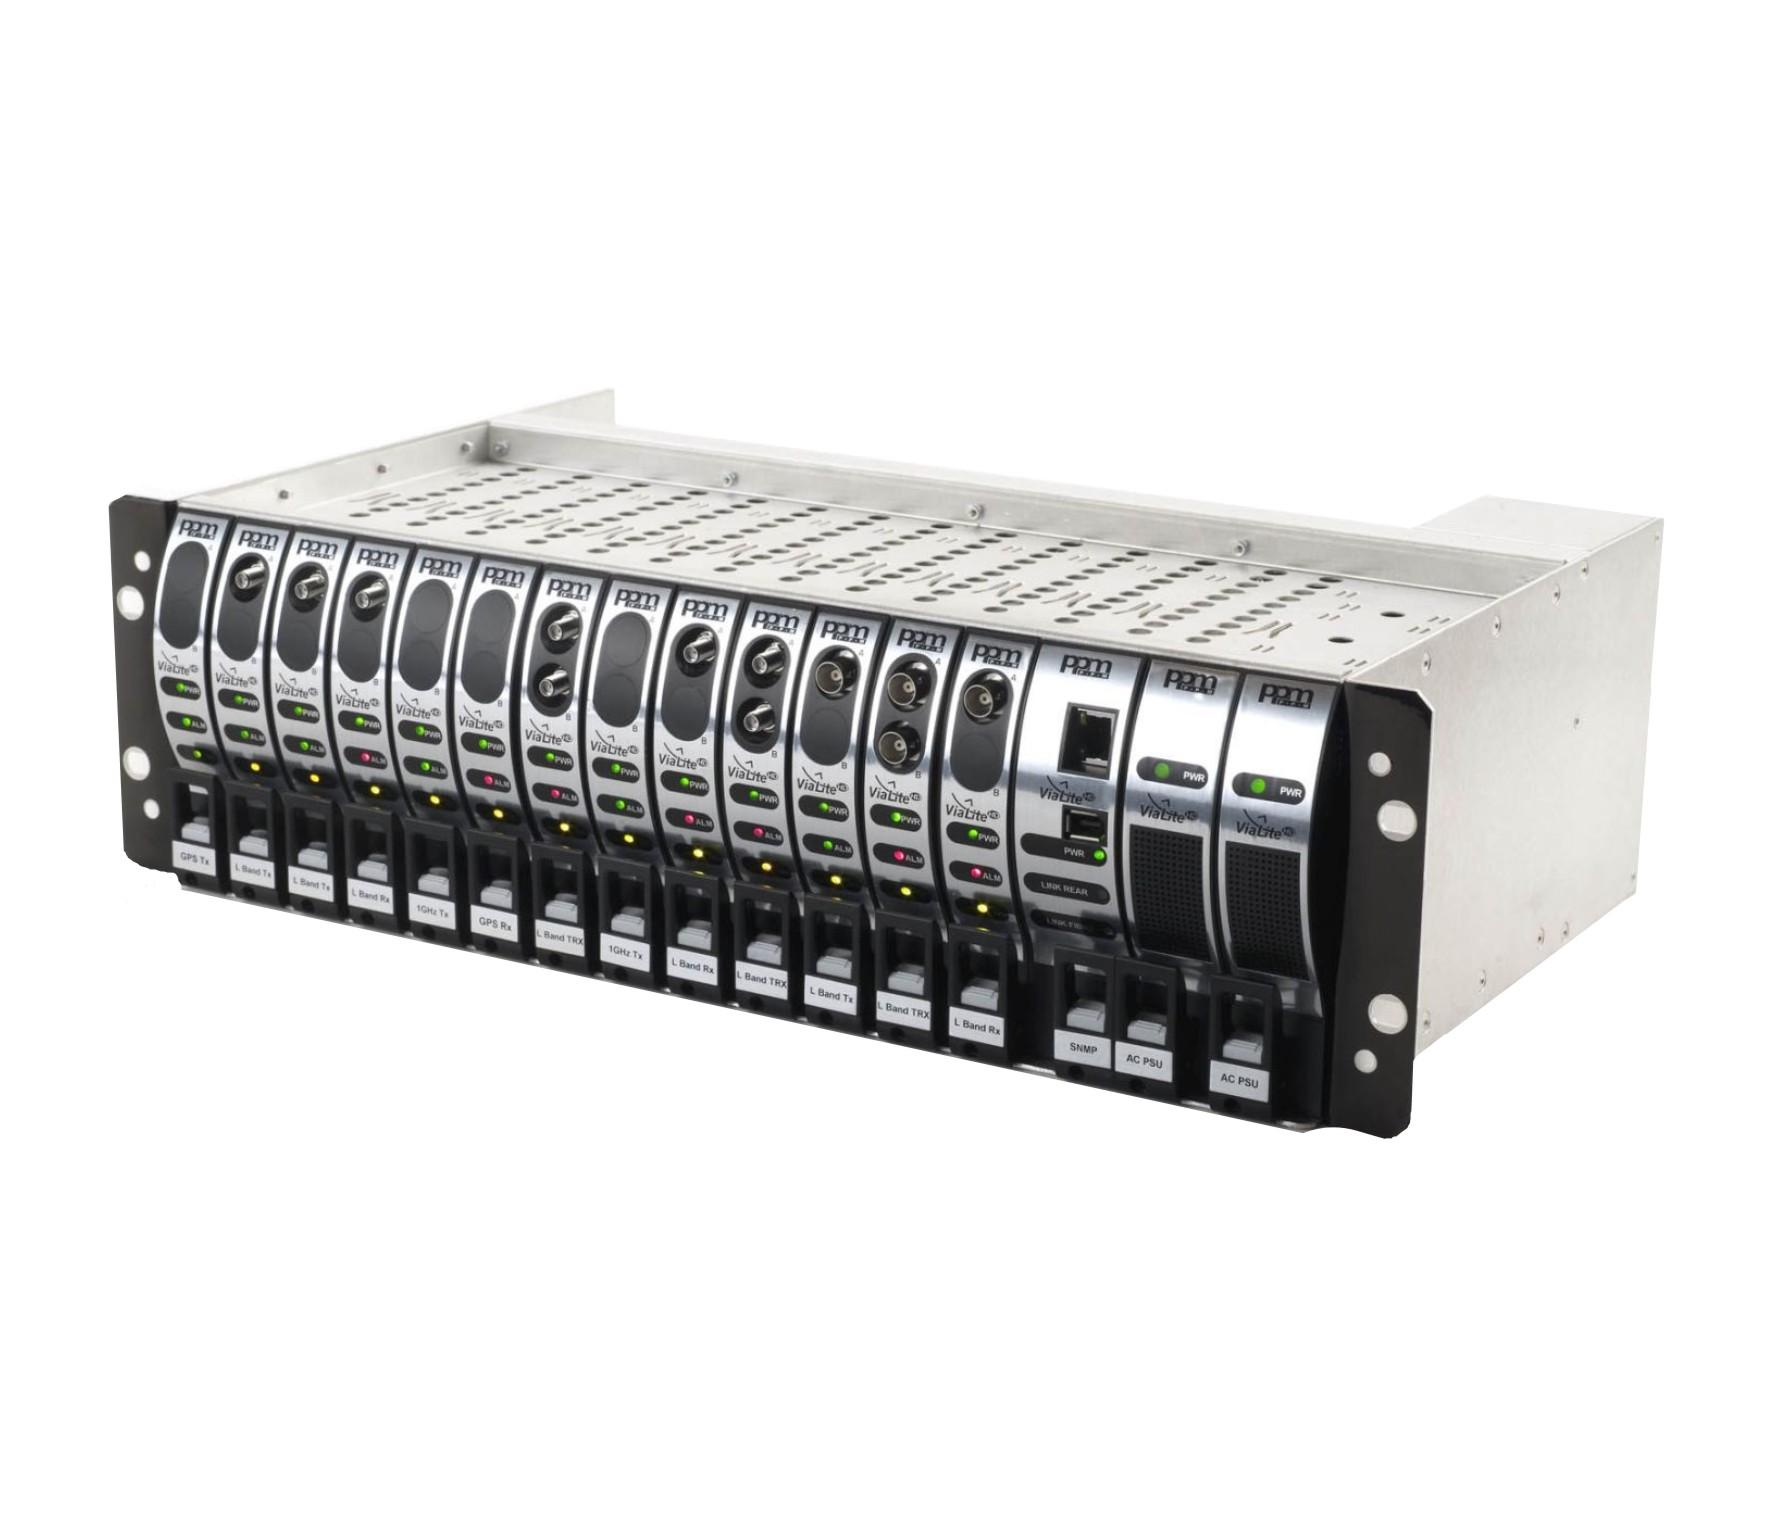 ViaLite HD RF over Fiber Subsystem